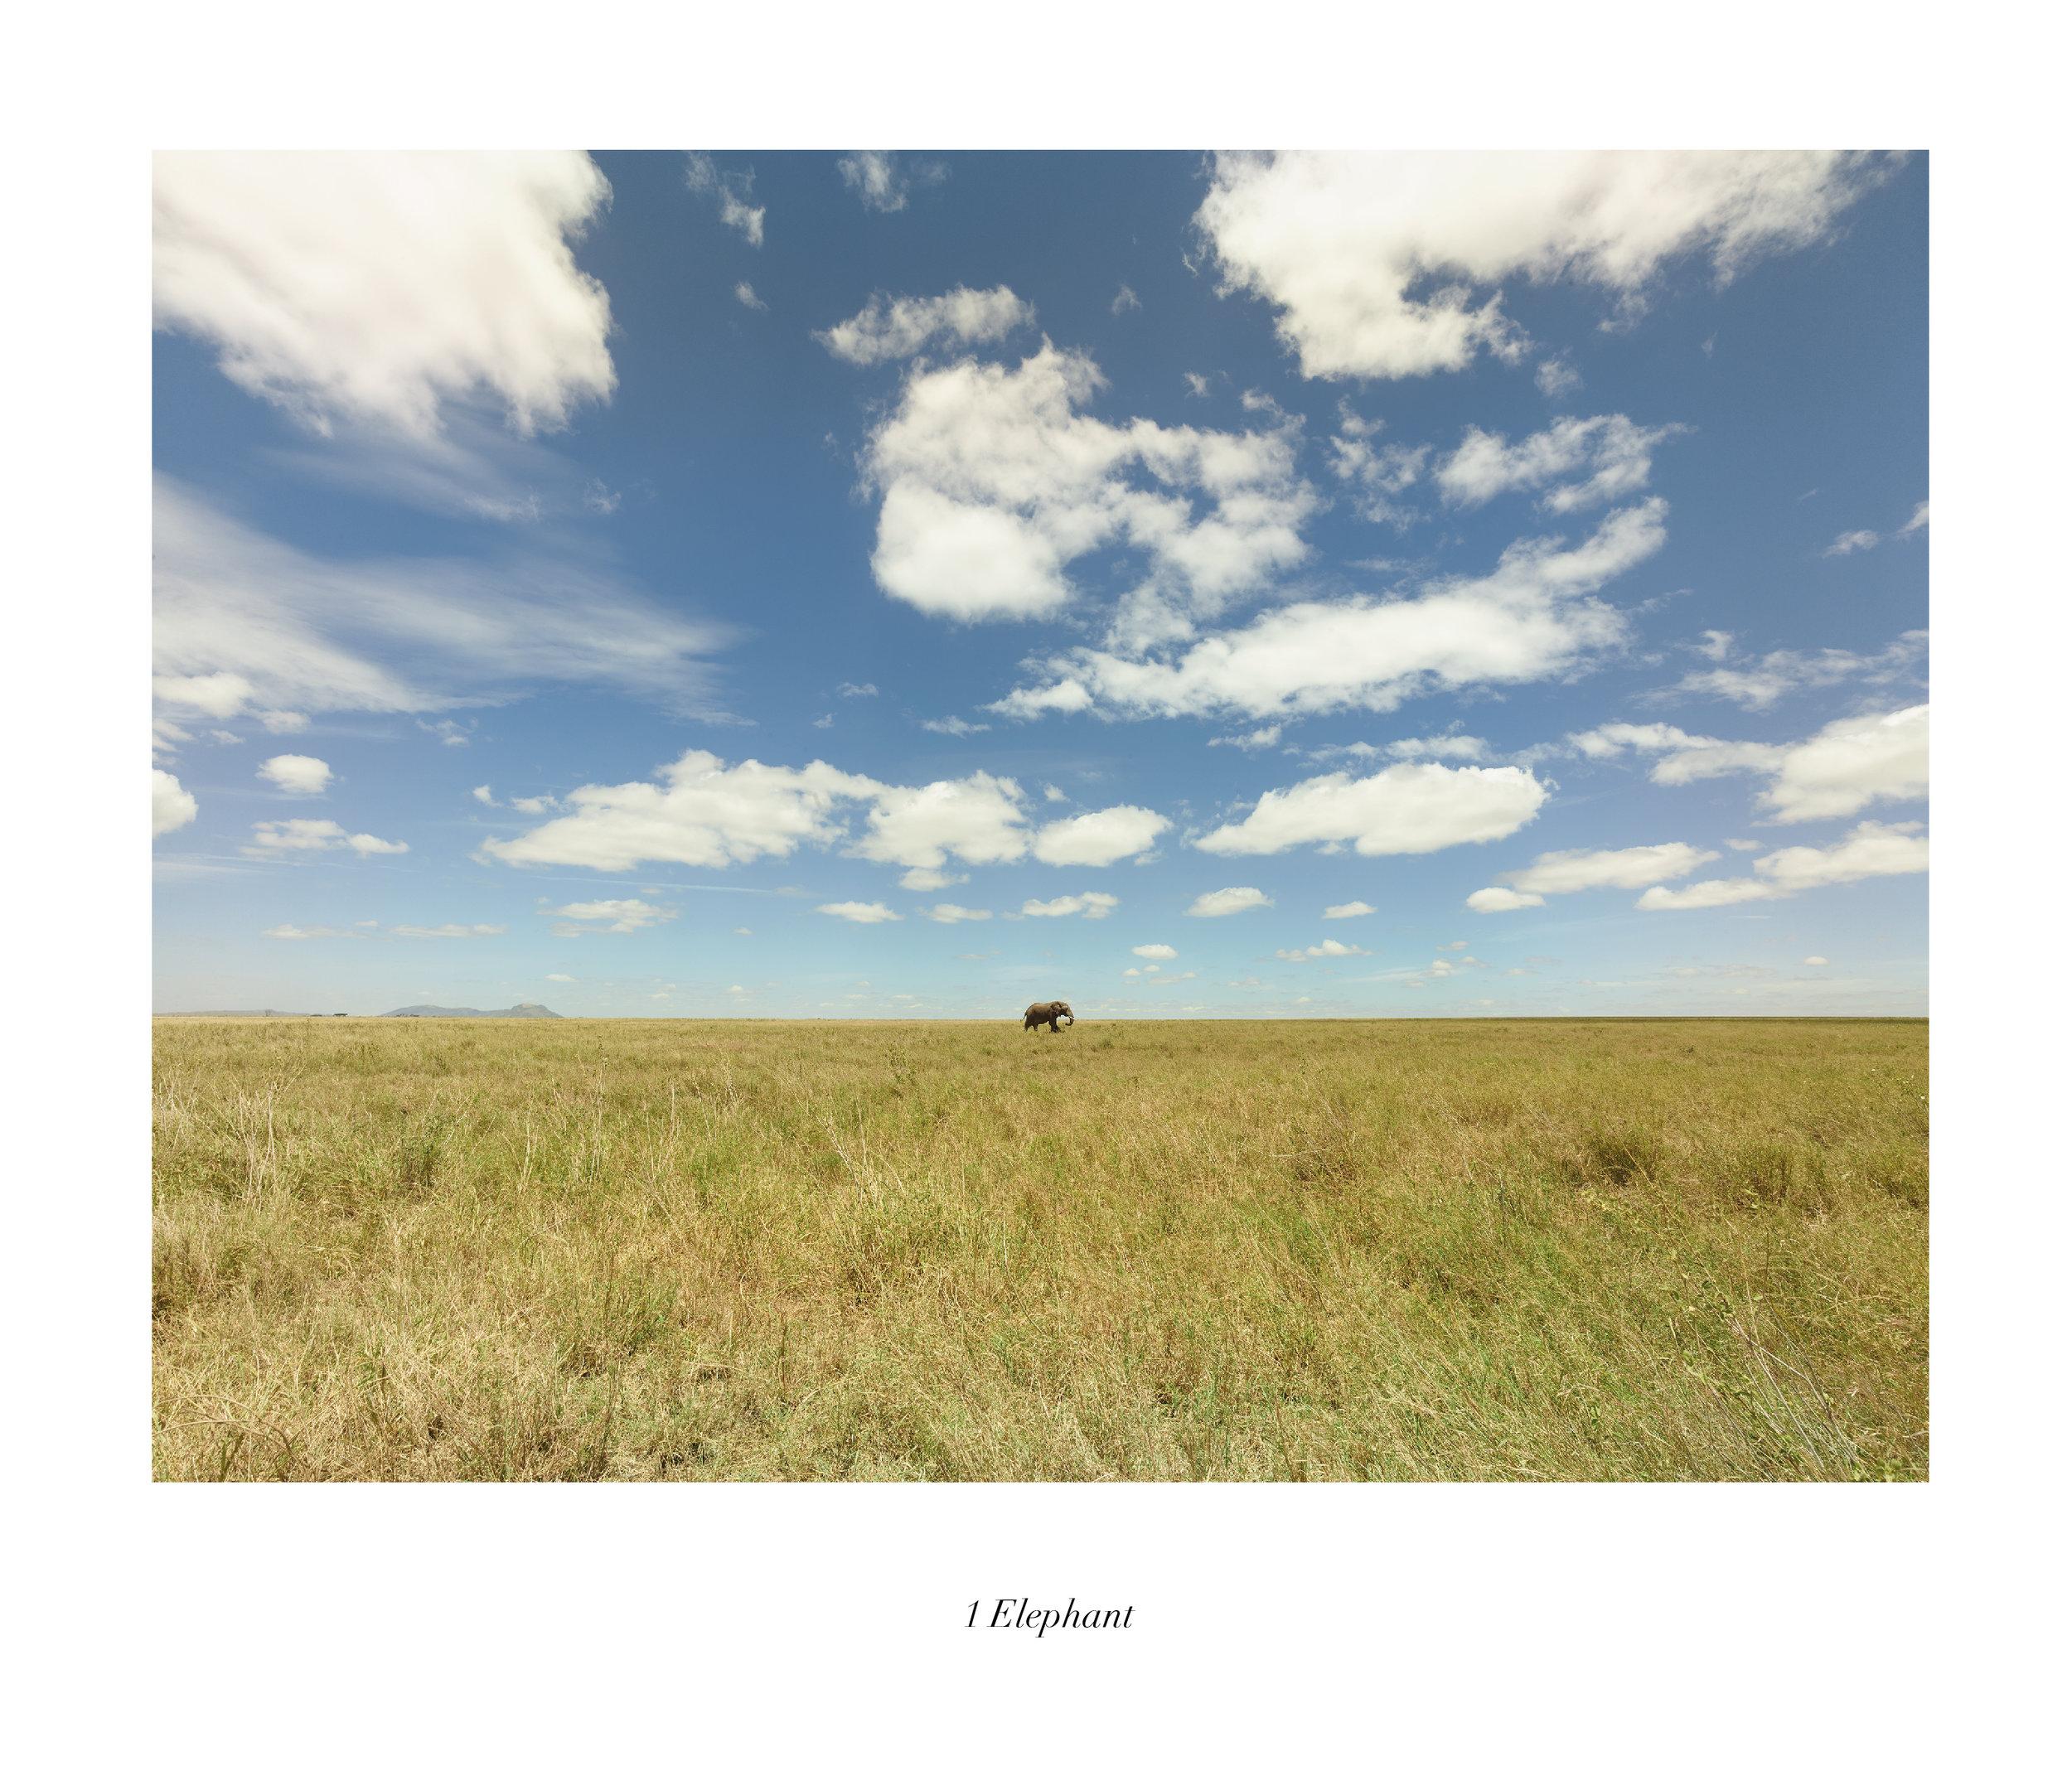 Serengueti (TAN 9.2)t